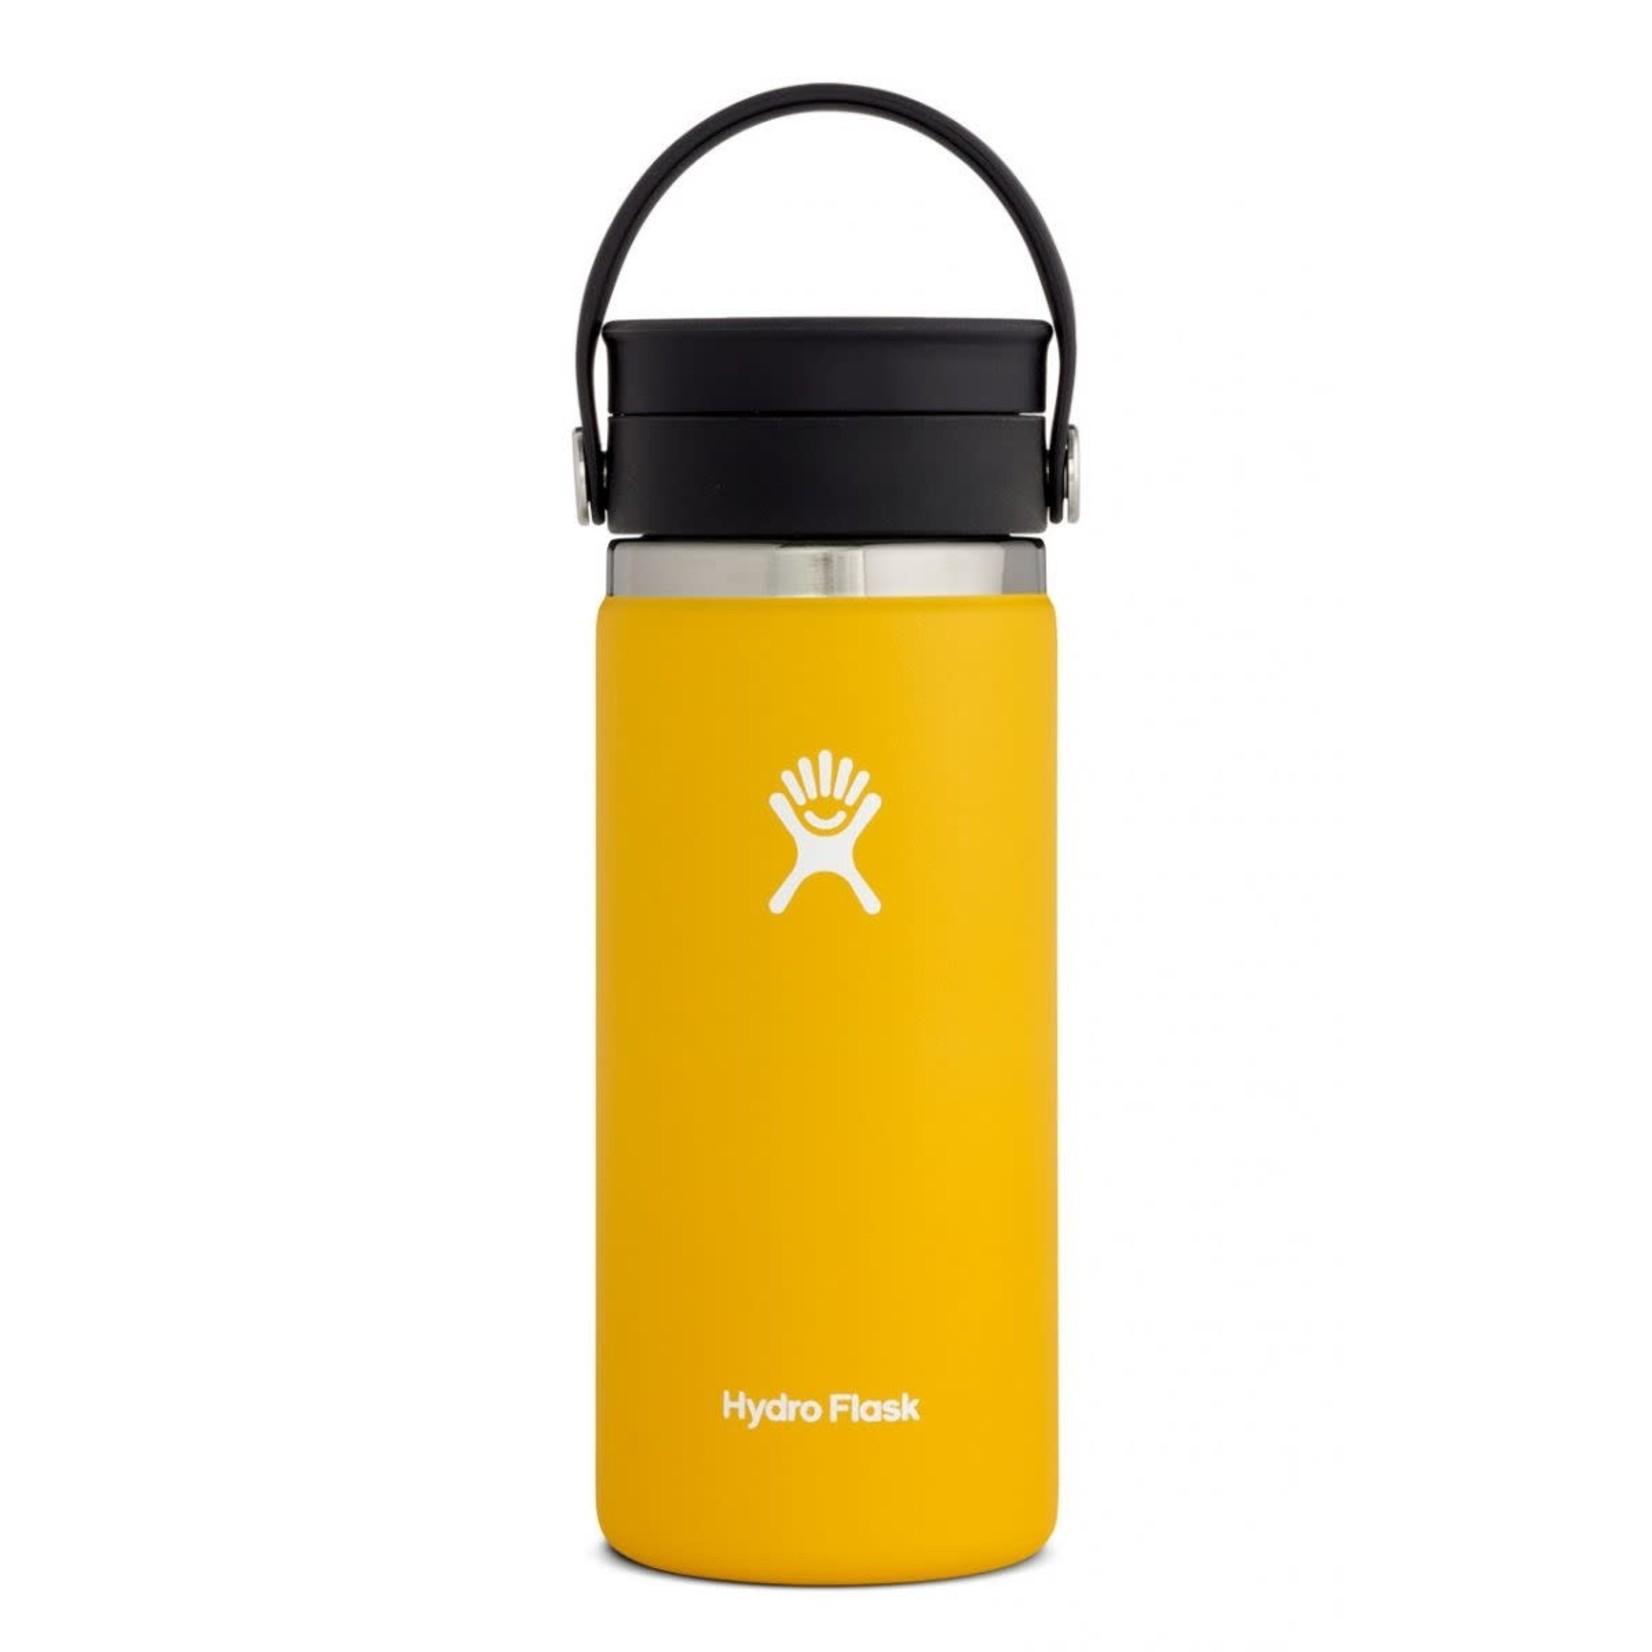 Hydro Flask Hydro Flask 16oz Coffee with Flex Sip™ Lid.